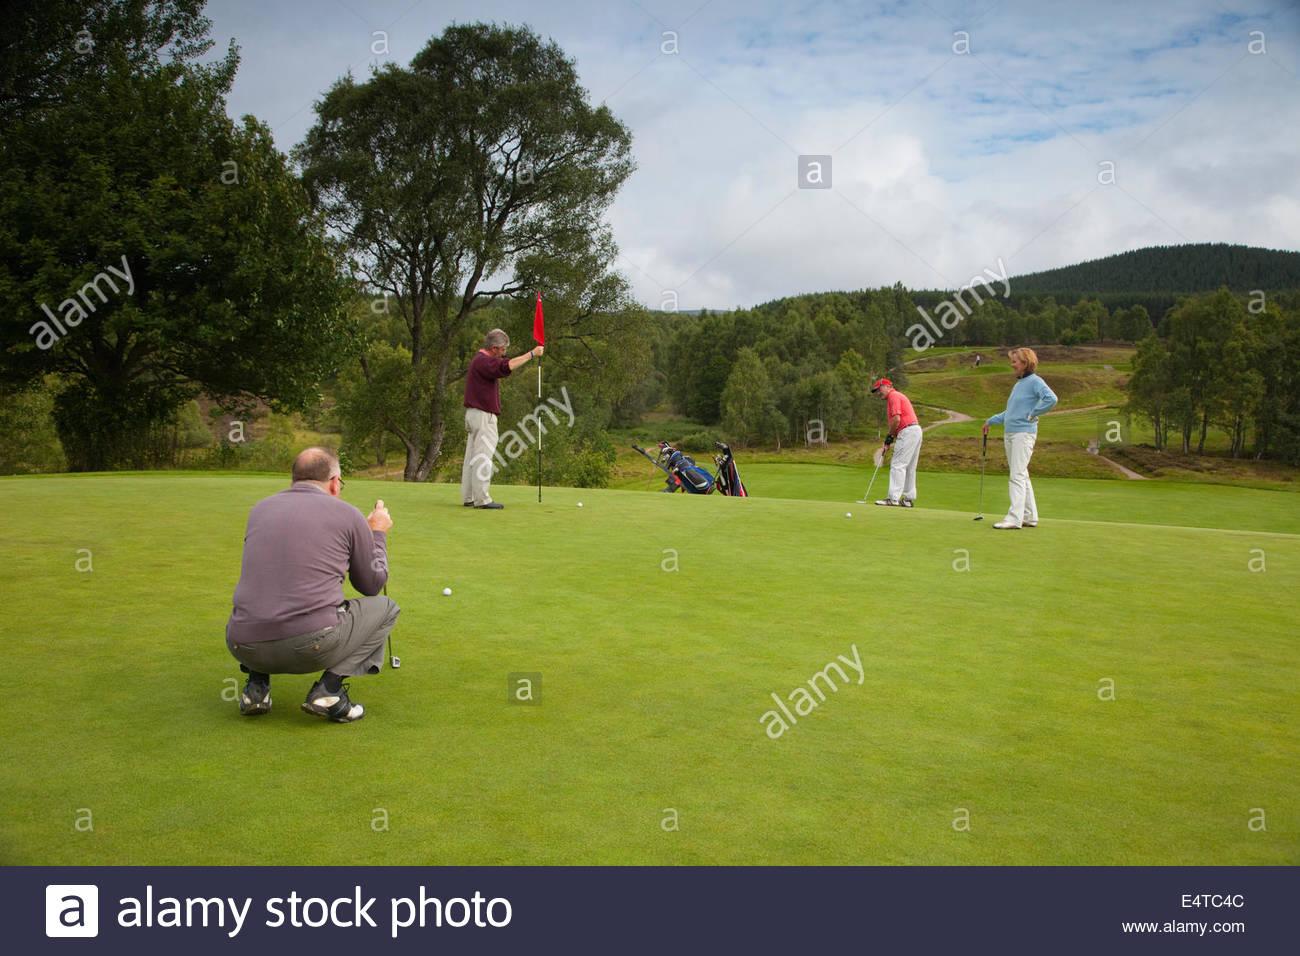 Quattro persone giocare una partita di golf a Carrbridge Golf Club, Cairngorms National Park, Highlands della Scozia. Immagini Stock